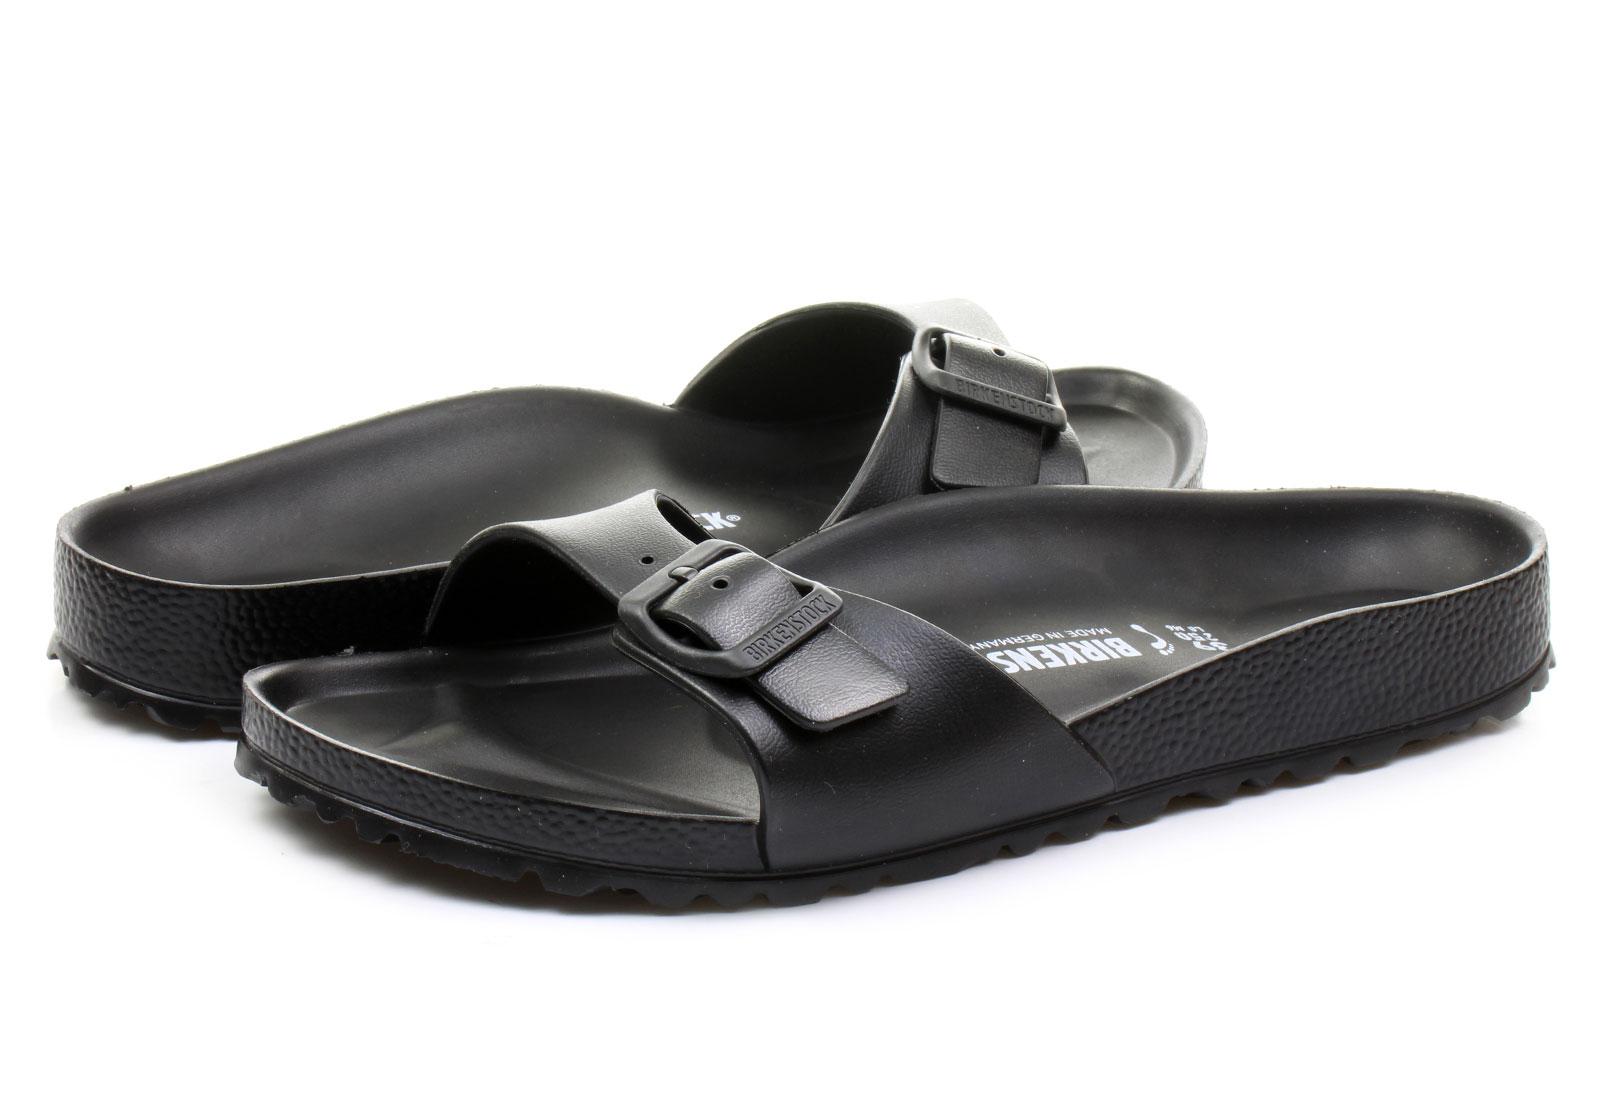 birkenstock slippers madrid eva 128163 blk online. Black Bedroom Furniture Sets. Home Design Ideas